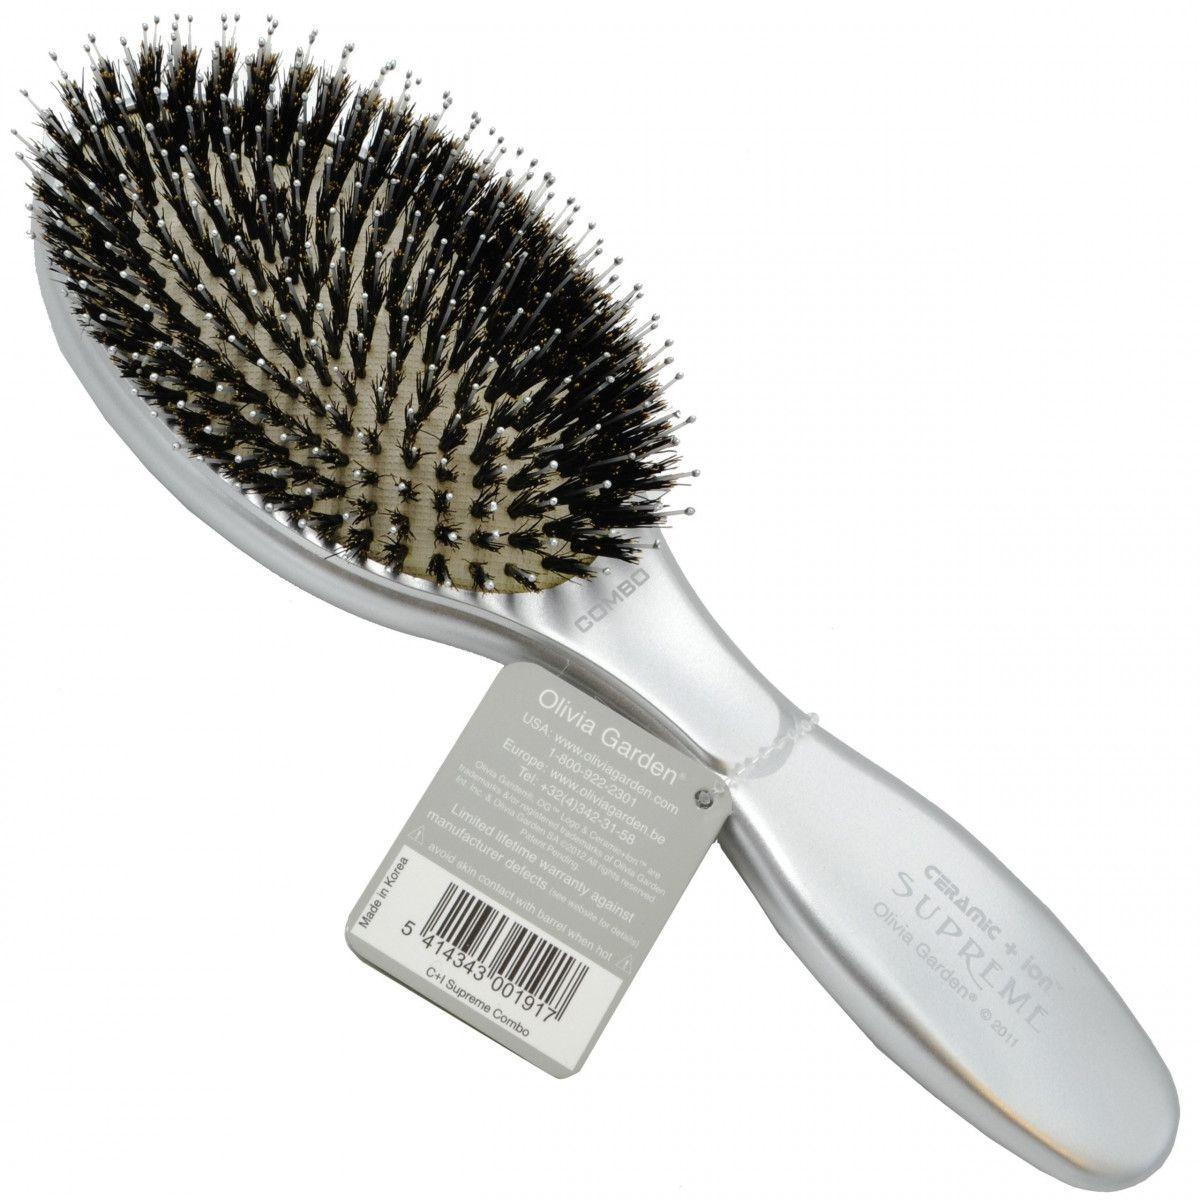 Olivia Garden Supreme Combo Silver, szczotka z włosiem dzika do niesfornych włosów